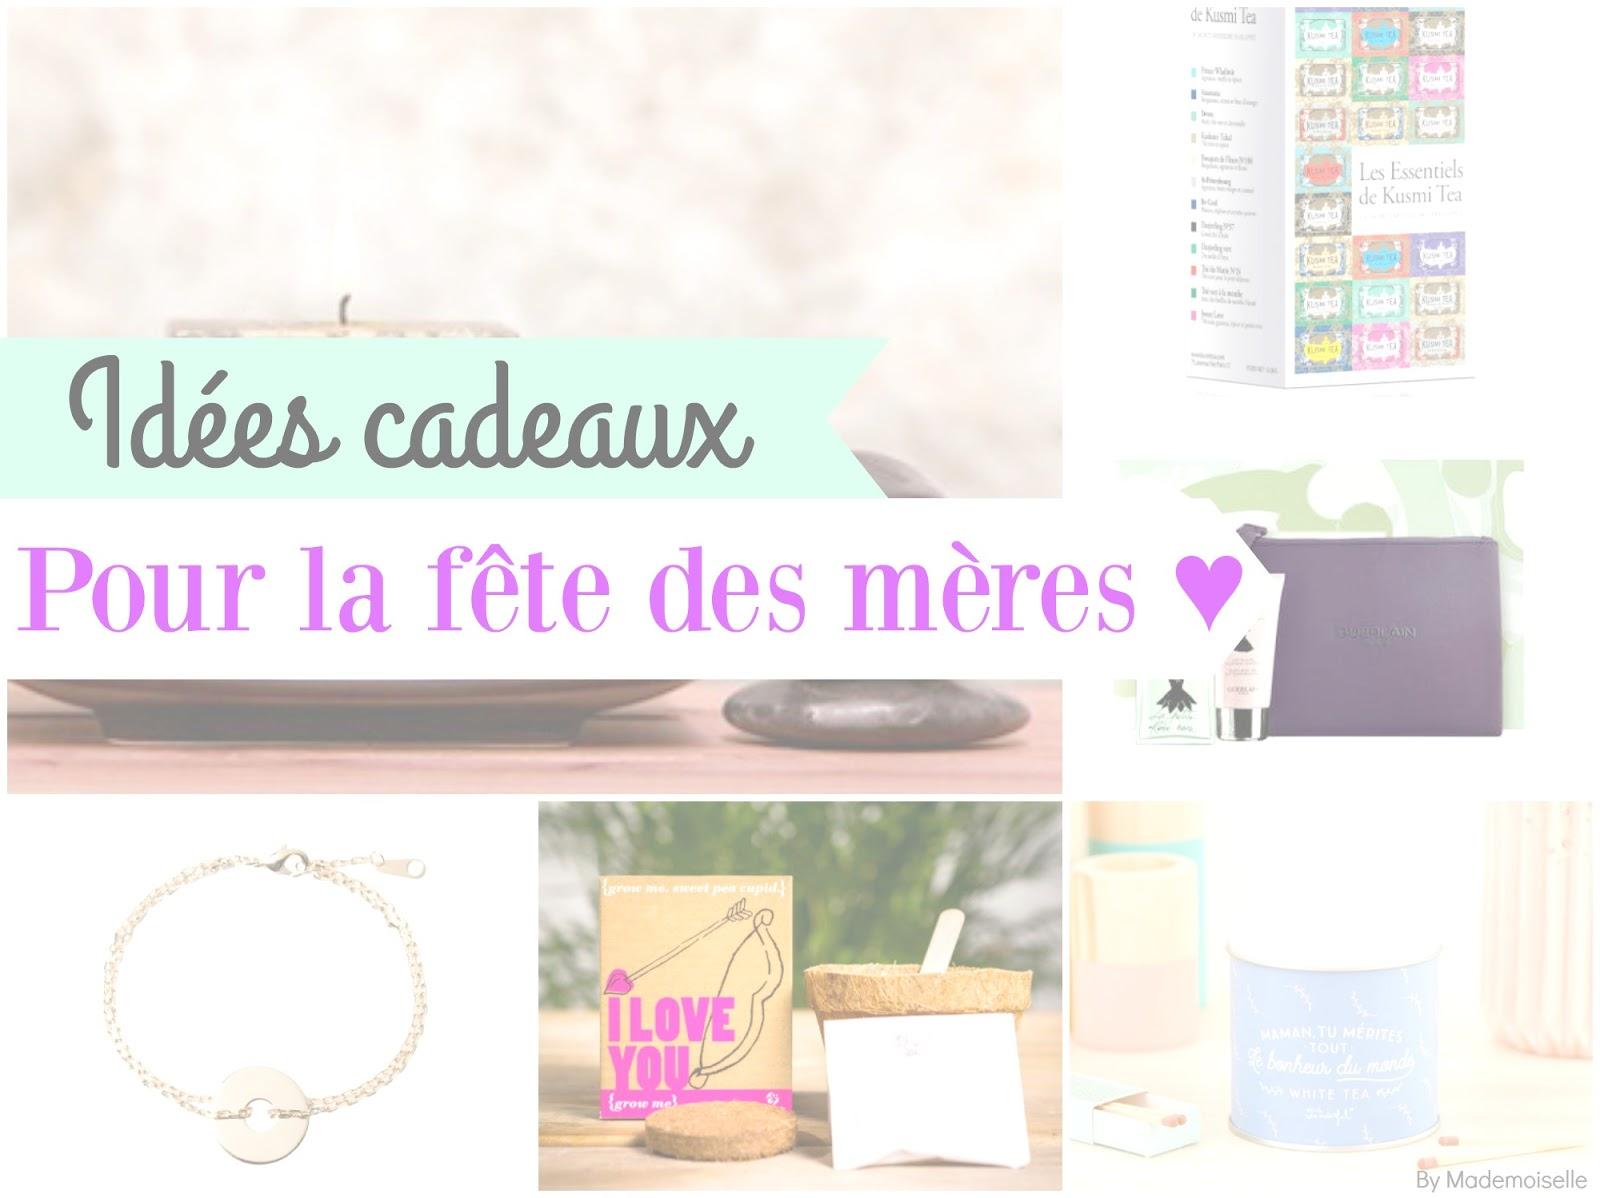 id es cadeaux pour la f te des m res by mademoiselle. Black Bedroom Furniture Sets. Home Design Ideas